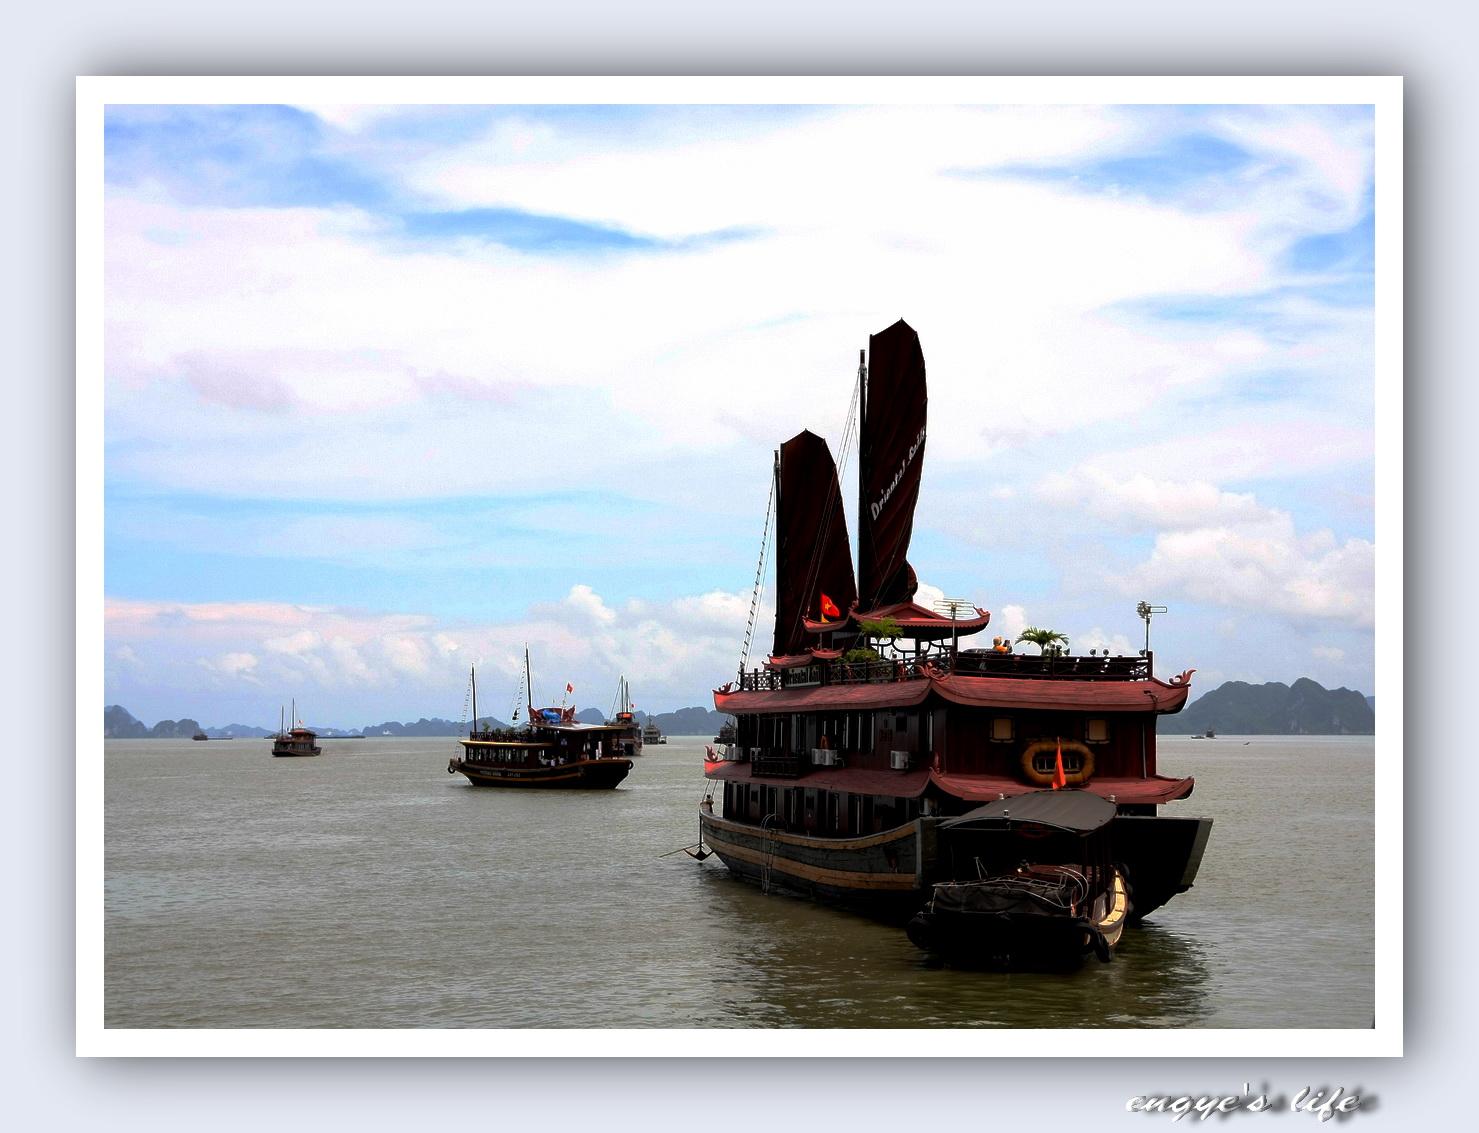 ♫~~** 方格字行間 **~~♫: 單眼看越南下龍灣